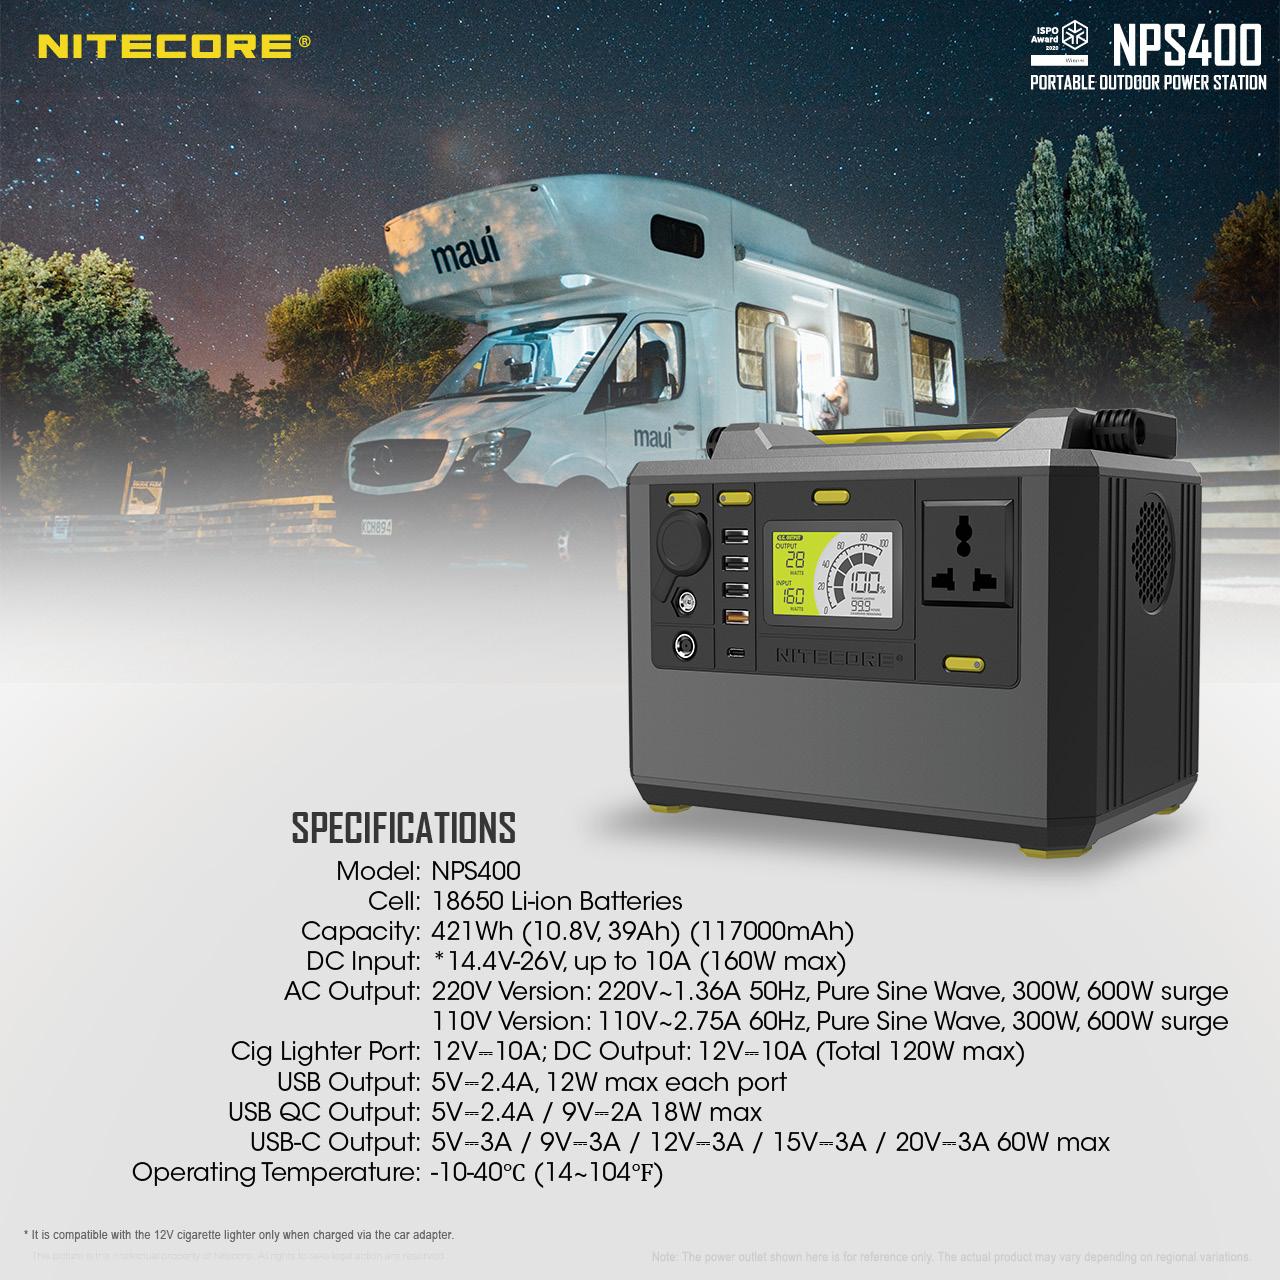 nps400-en-ver2-22.jpg